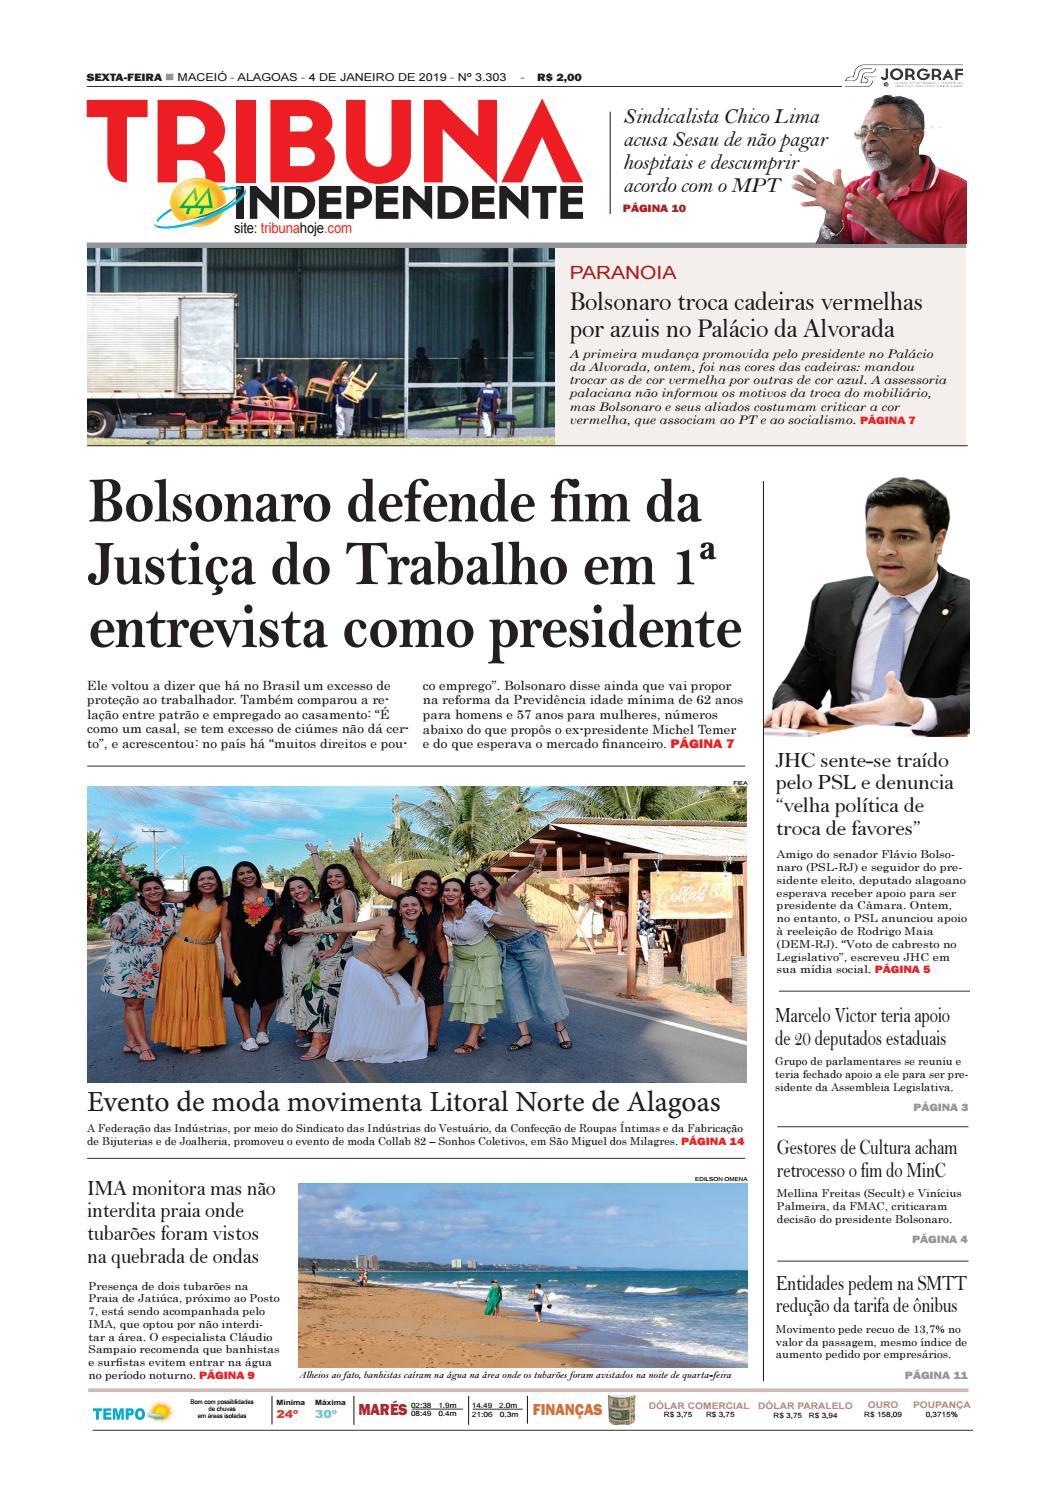 Edição número 3303 - 4 de janeiro de 2019 by Tribuna Hoje - issuu cd88ae5874453